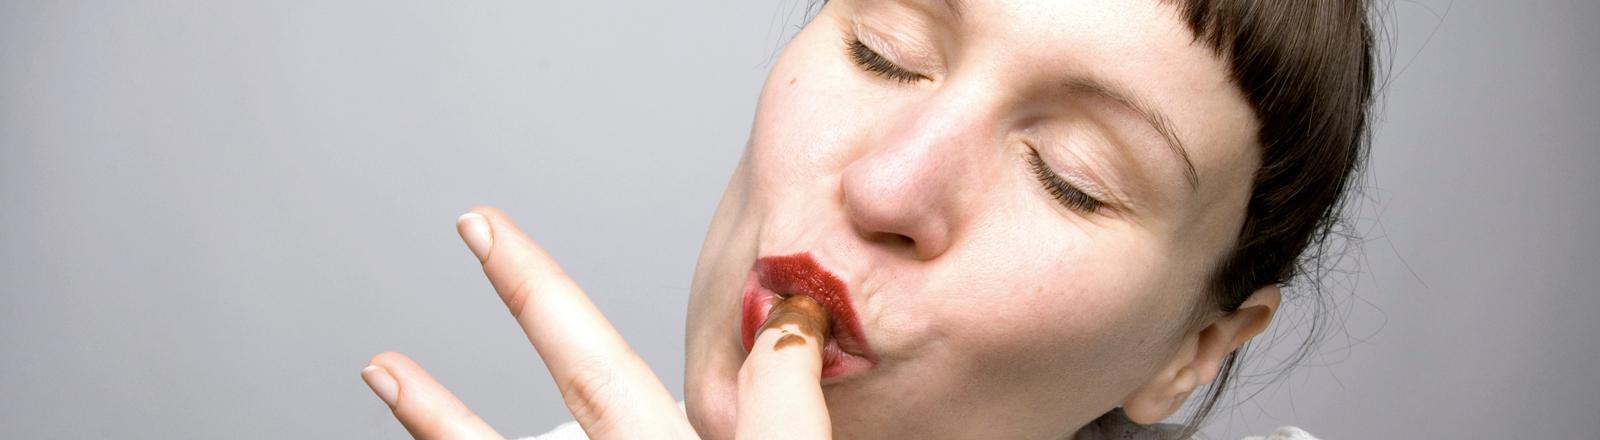 Eine Frau leckt sich genüsslich den Finger ab, an dem Schokolade klebt.